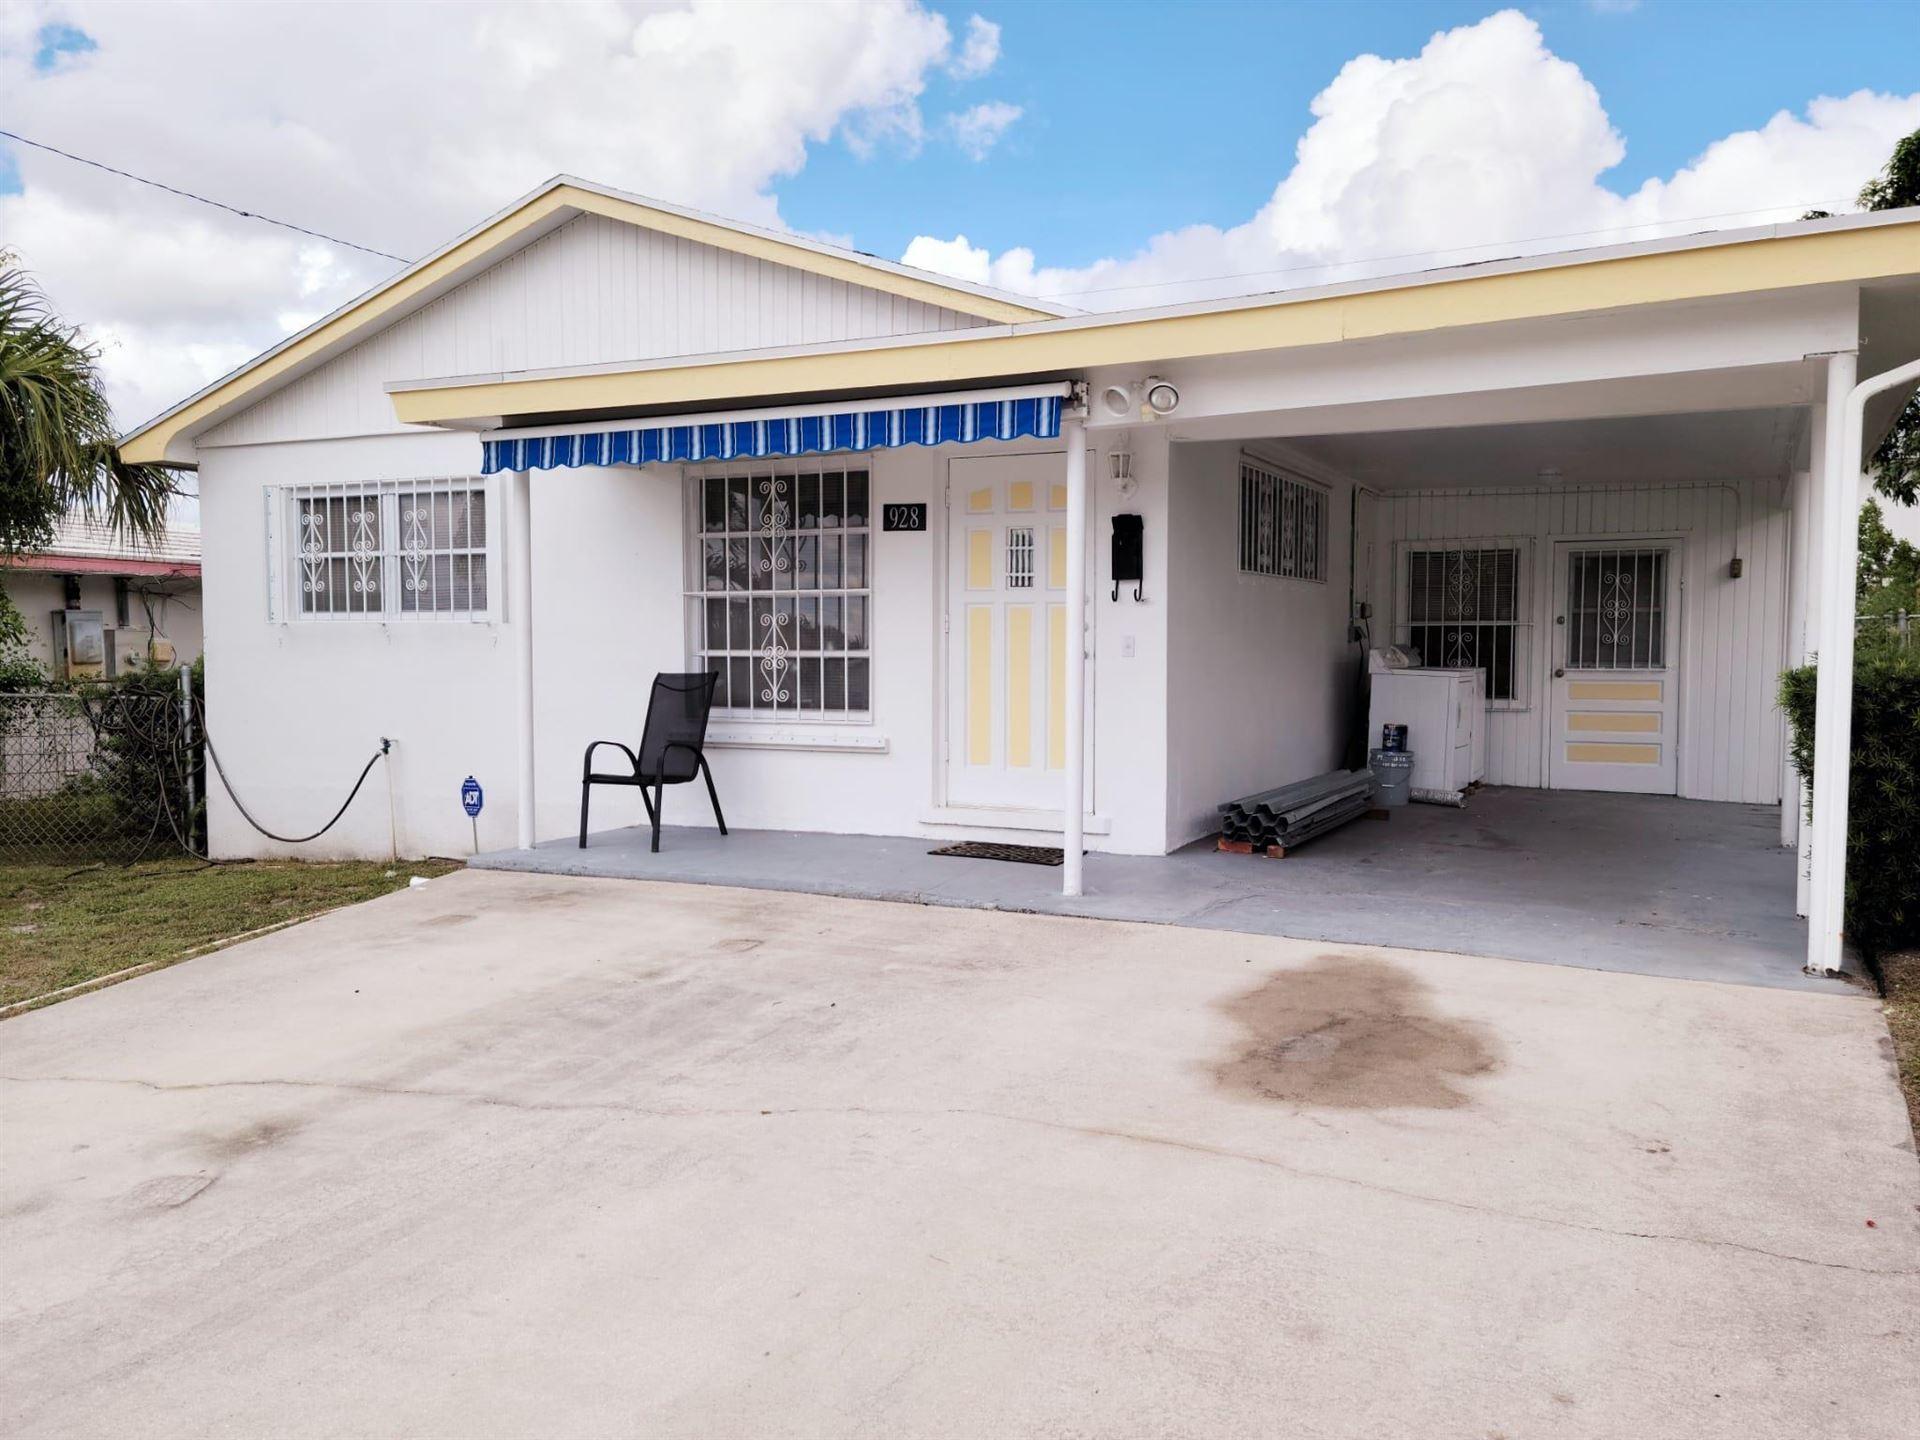 Photo of 928 W 6th Street, Riviera Beach, FL 33404 (MLS # RX-10750743)